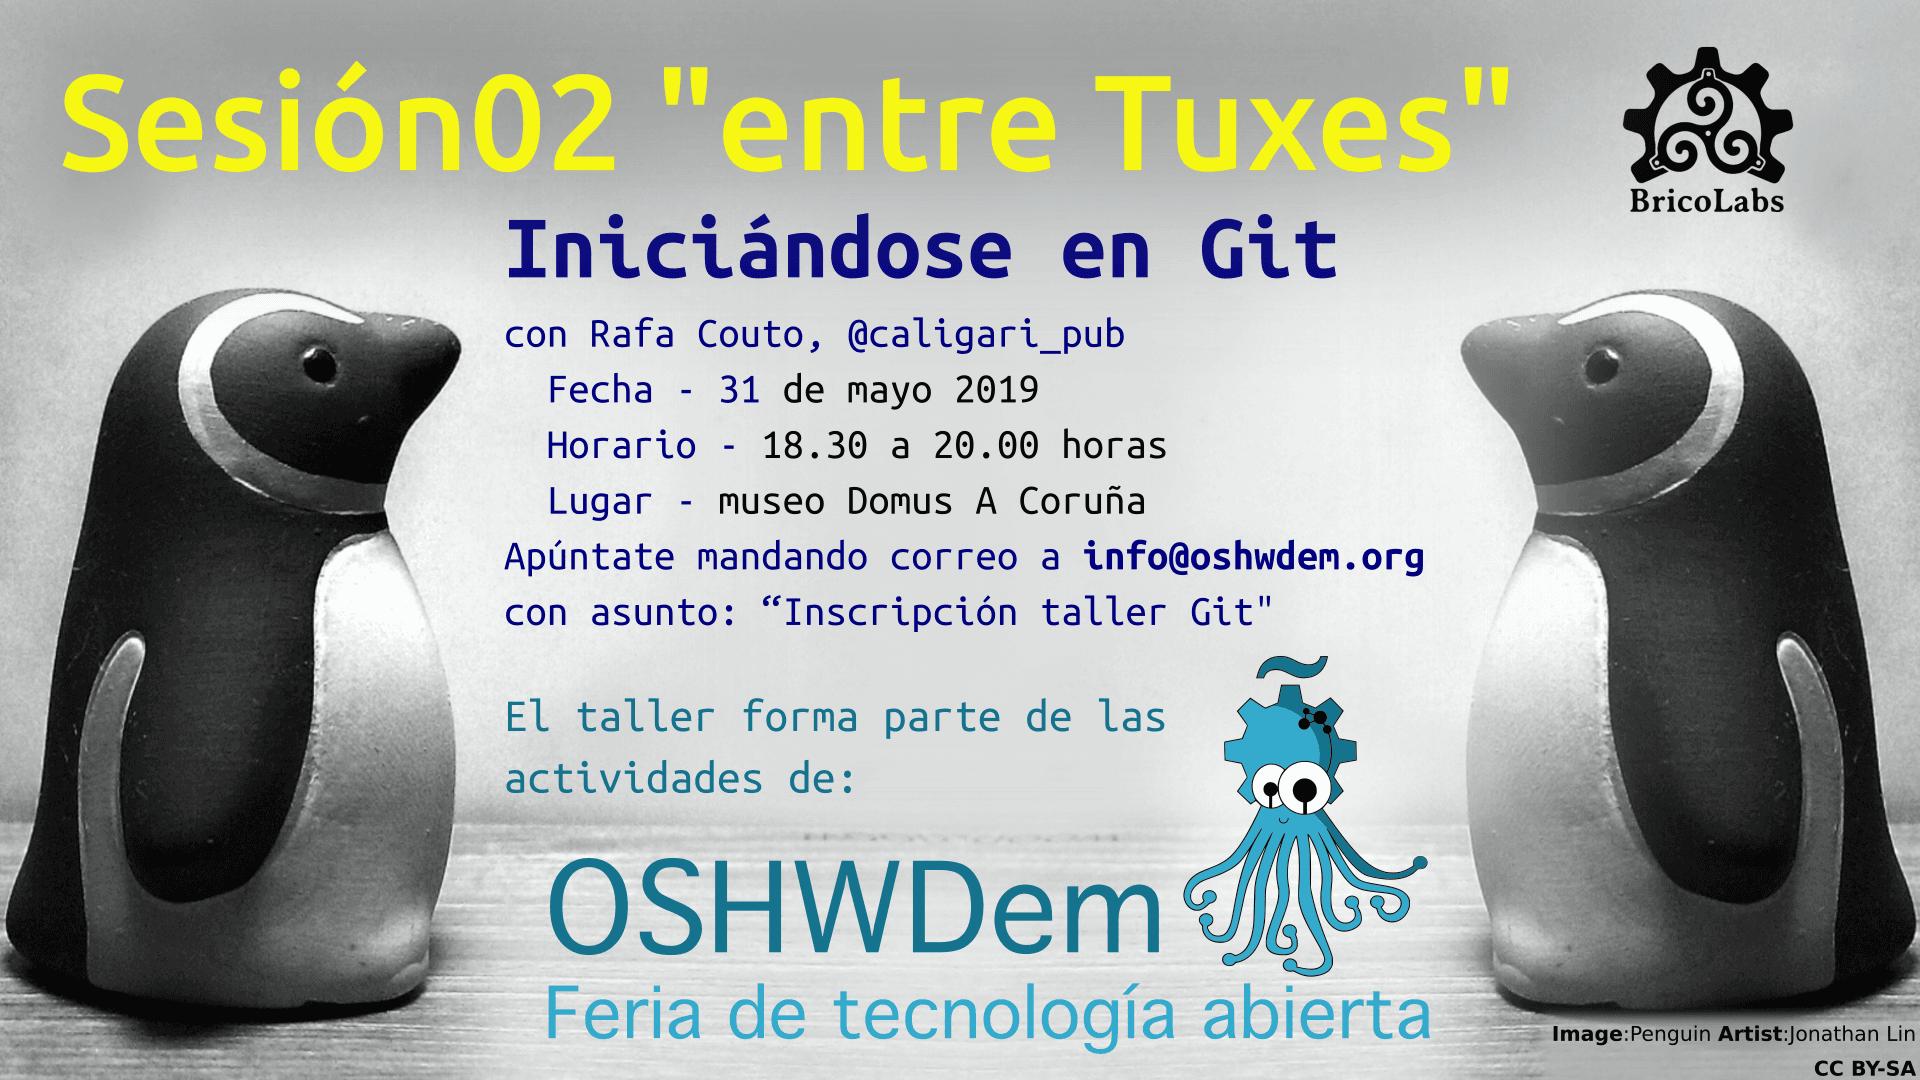 """Cartel anunciando la segunda sesión """"entre Tuxes"""": Iniciándose en Git"""